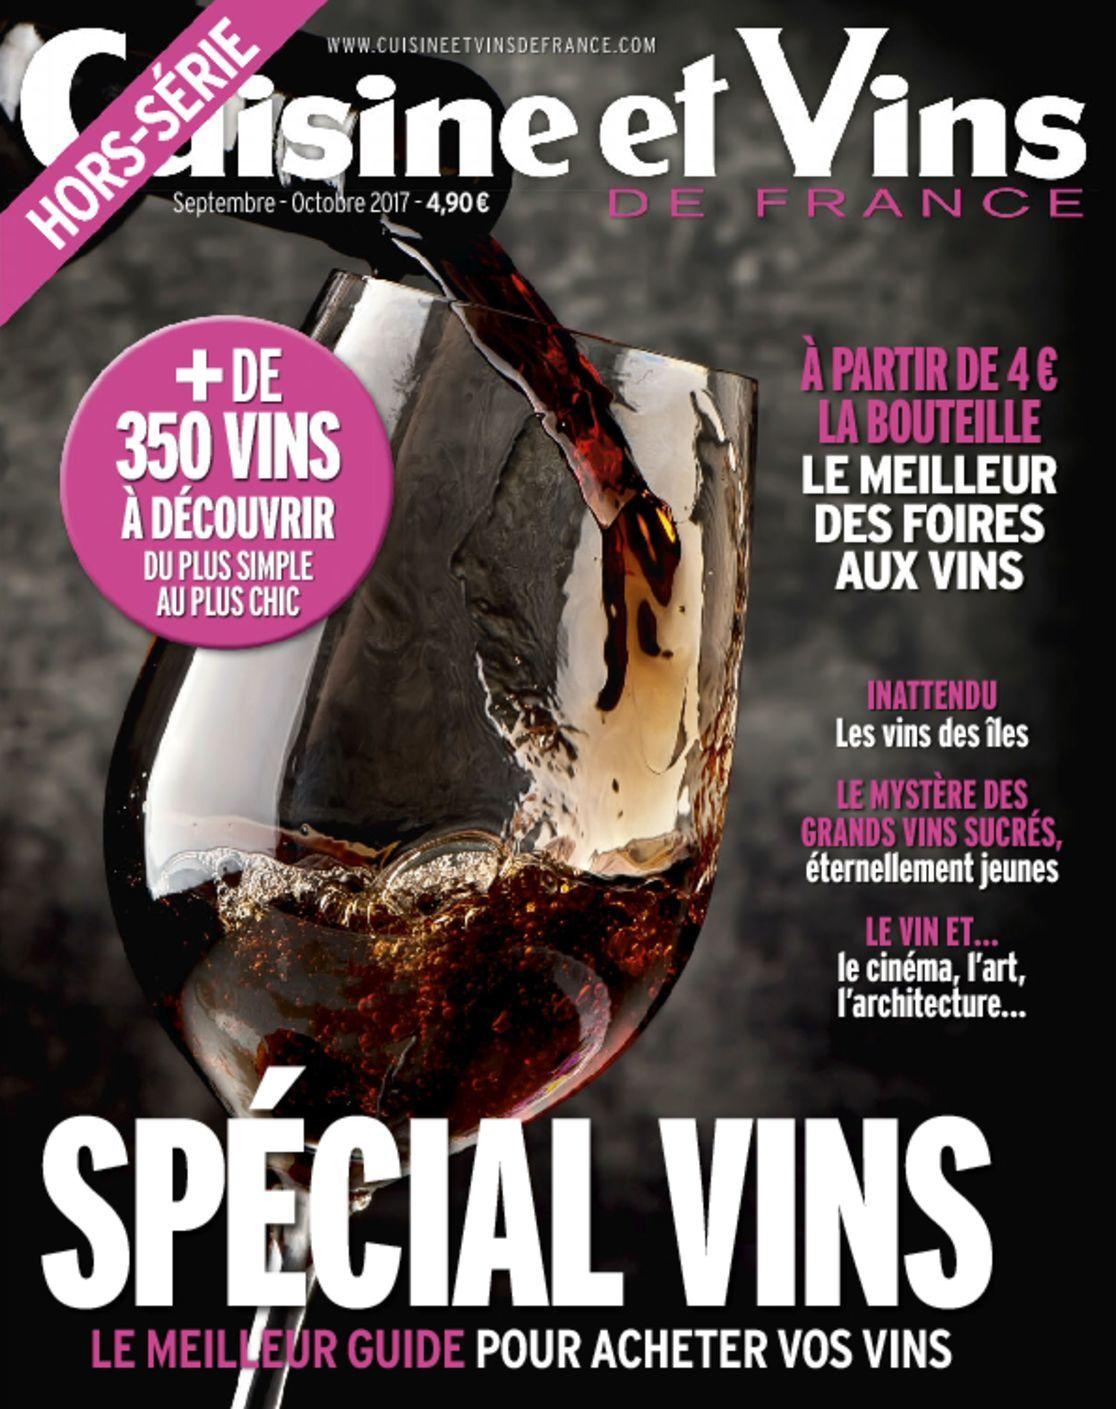 Cuisine et vins de france hs magazine digital for Abonnement cuisine et vins de france